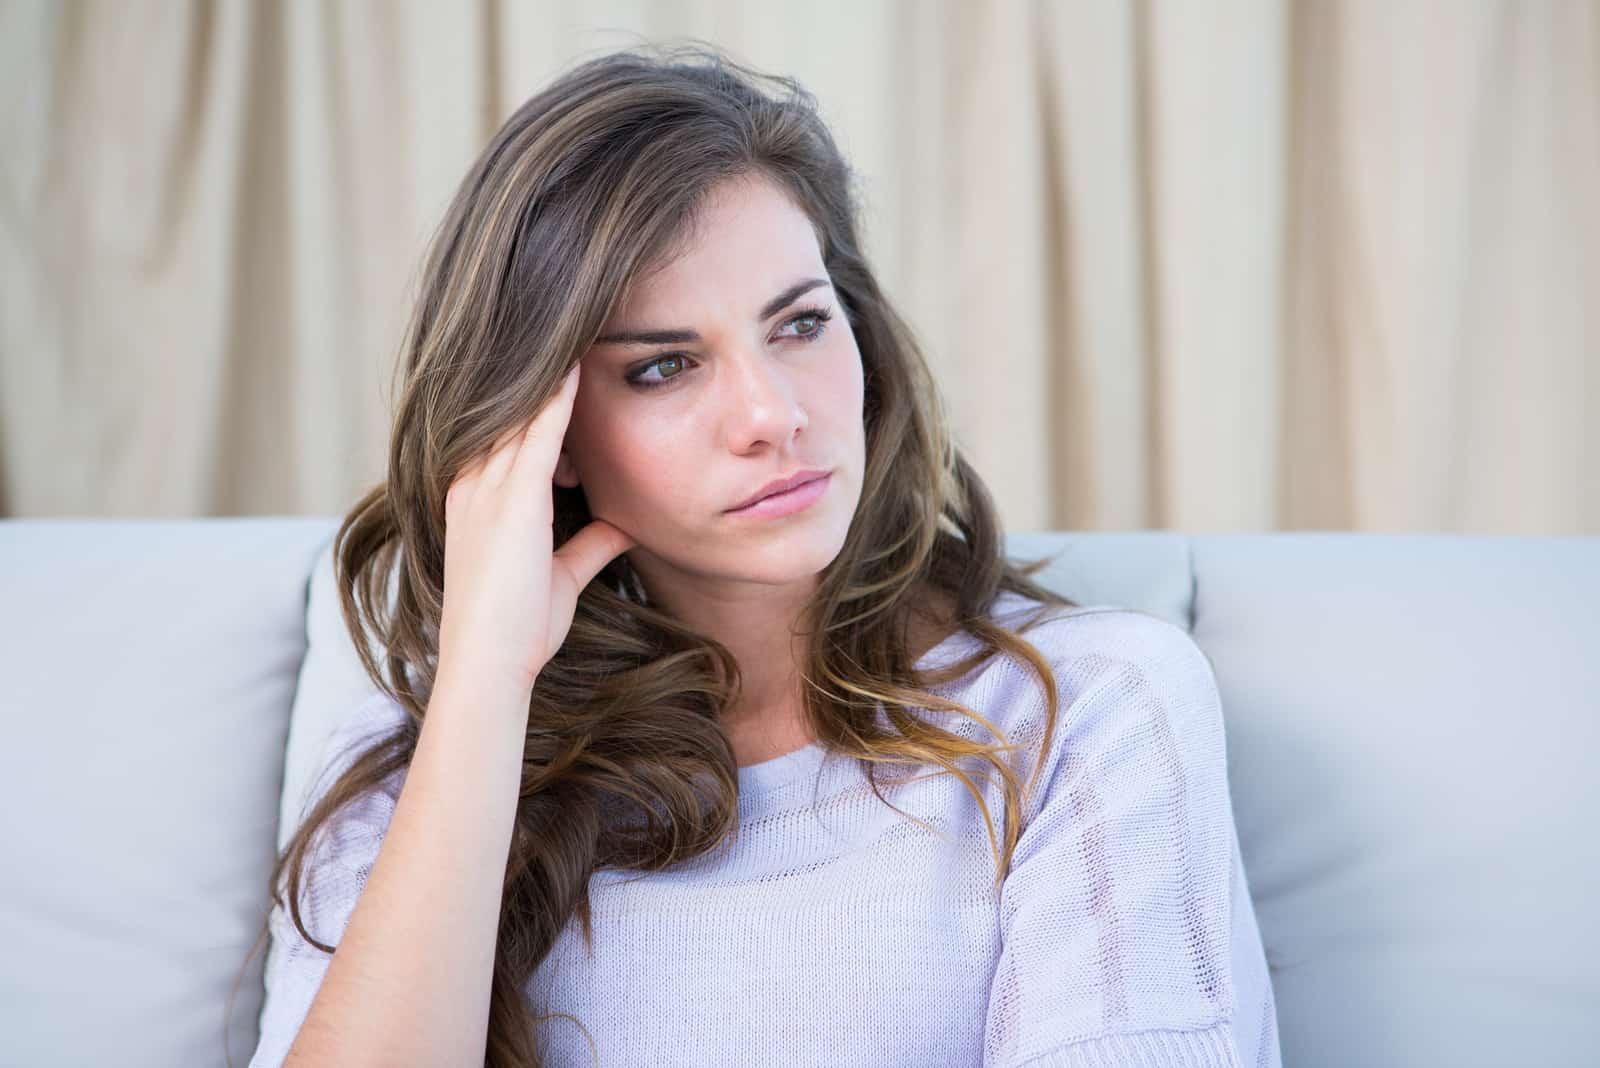 Femme pensive en pull gris assis sur un canapé